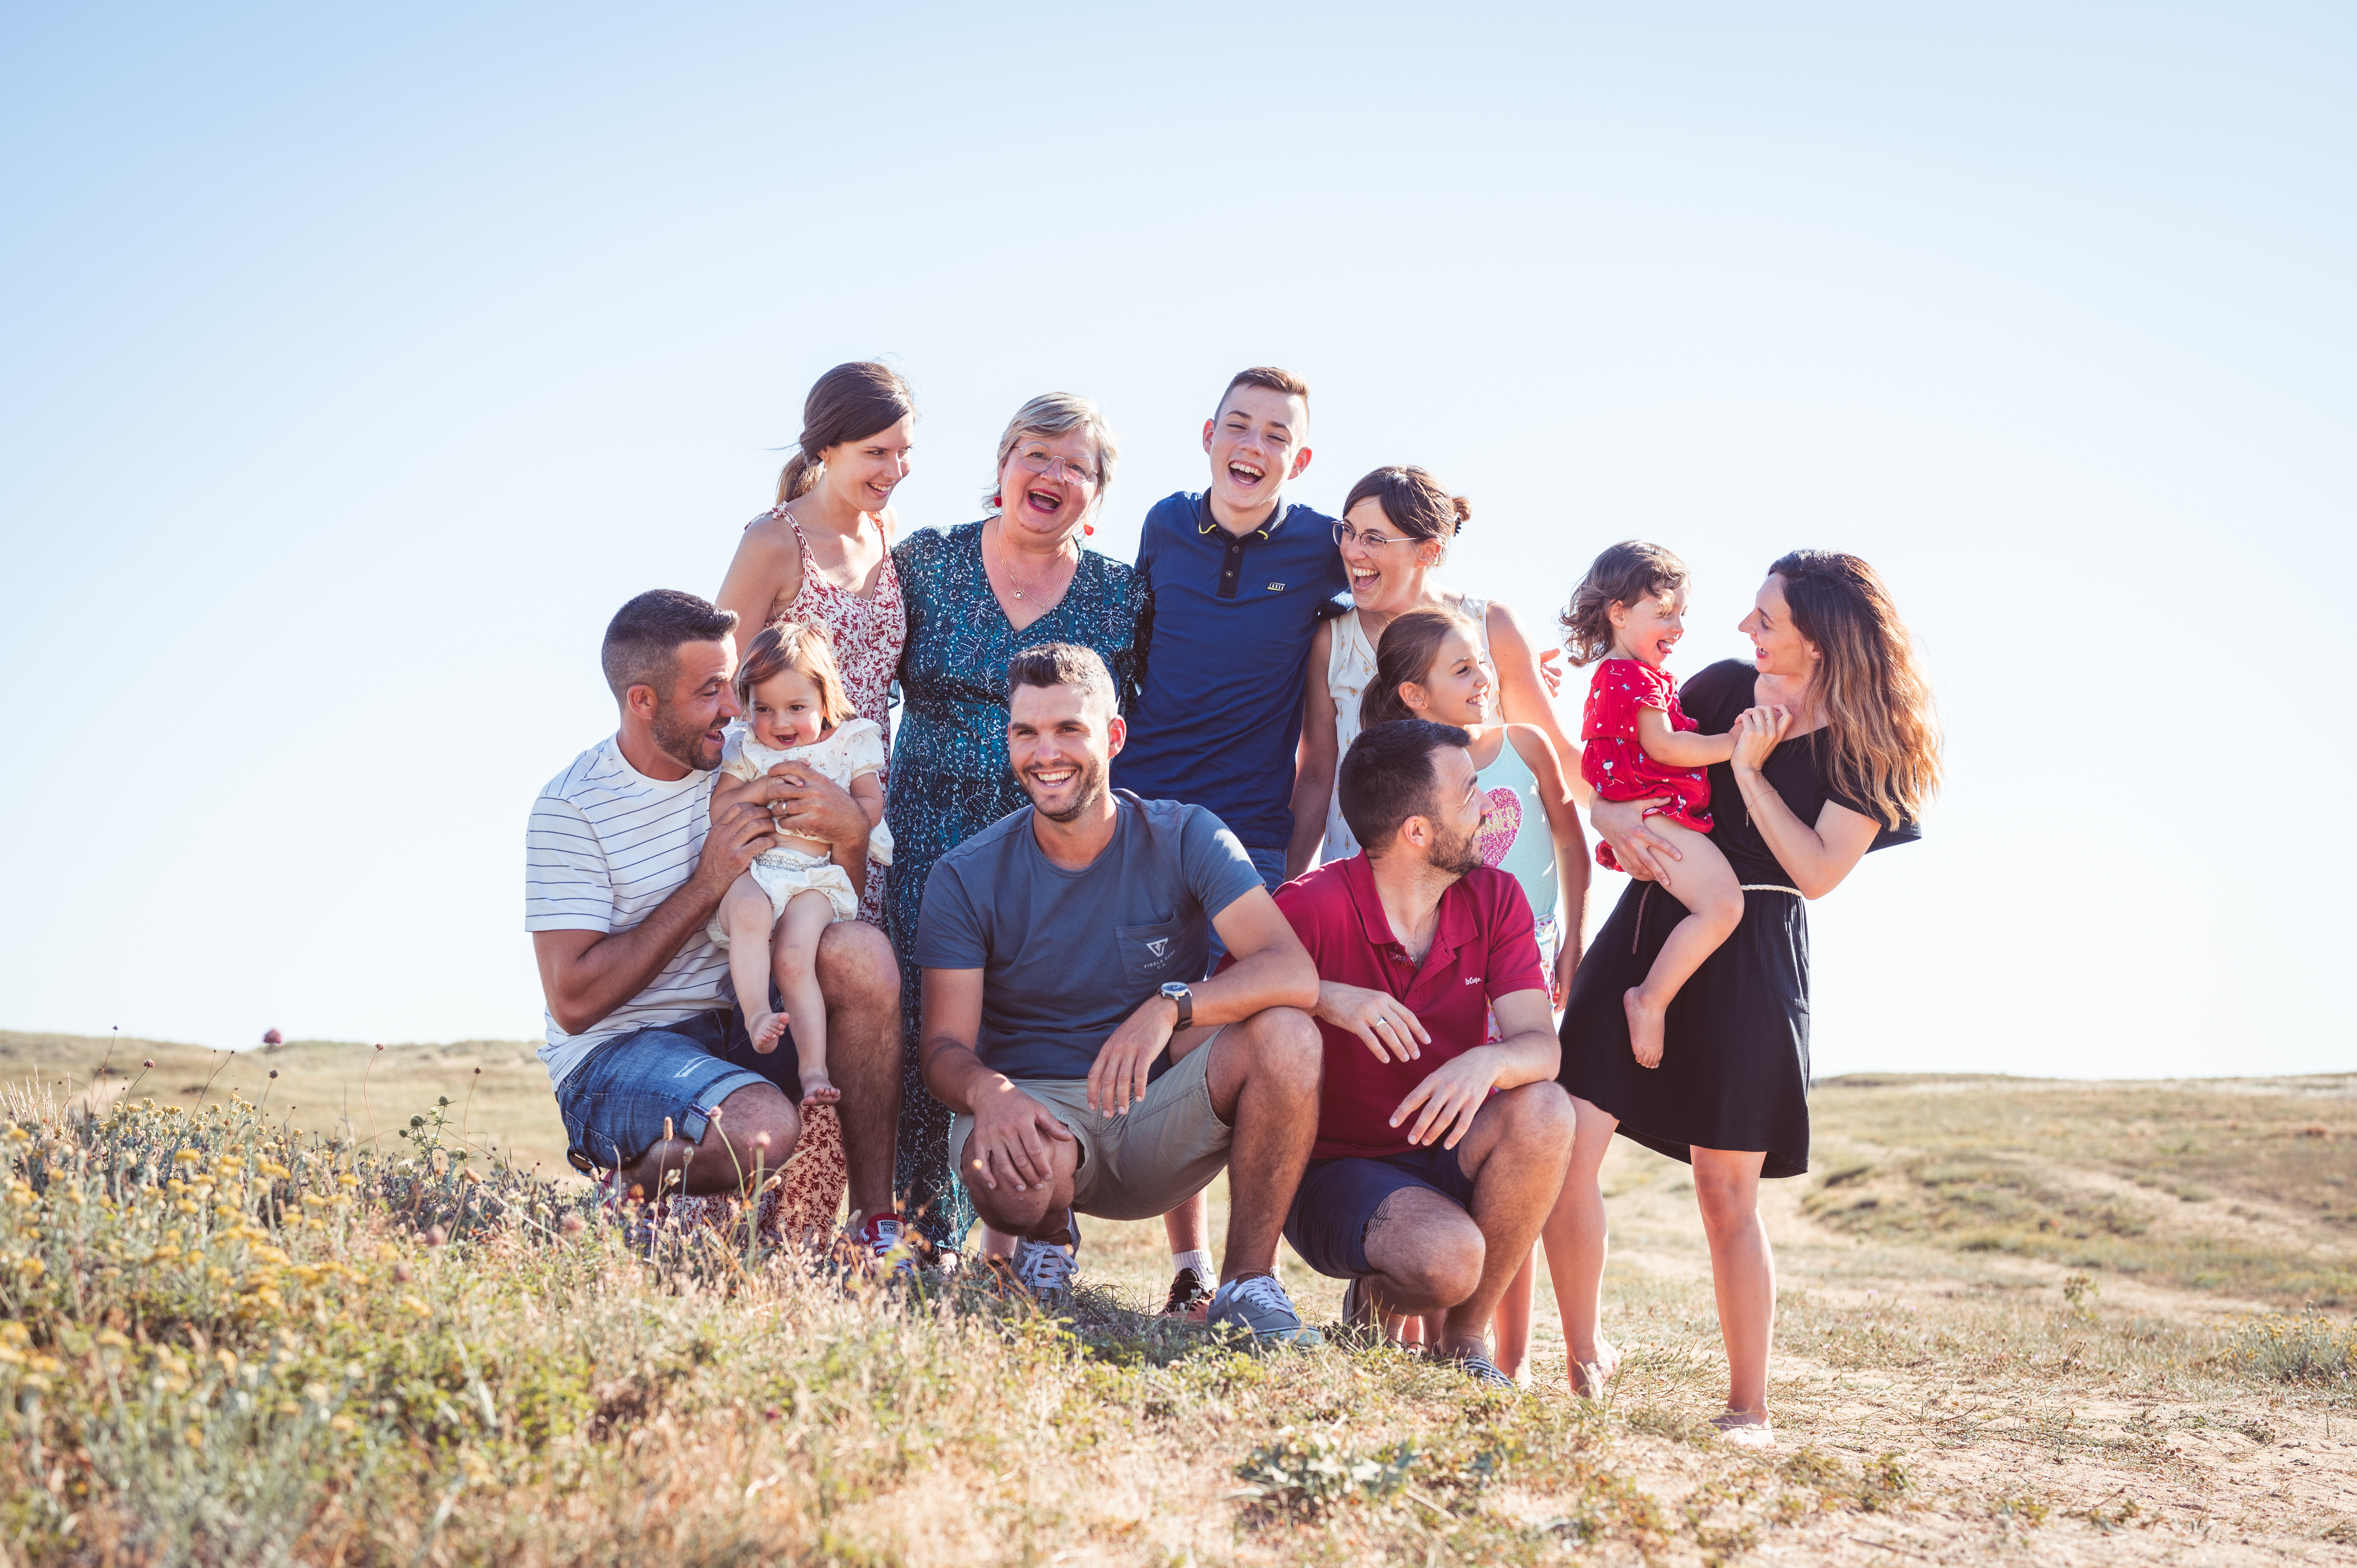 Séance photo Famille 1h